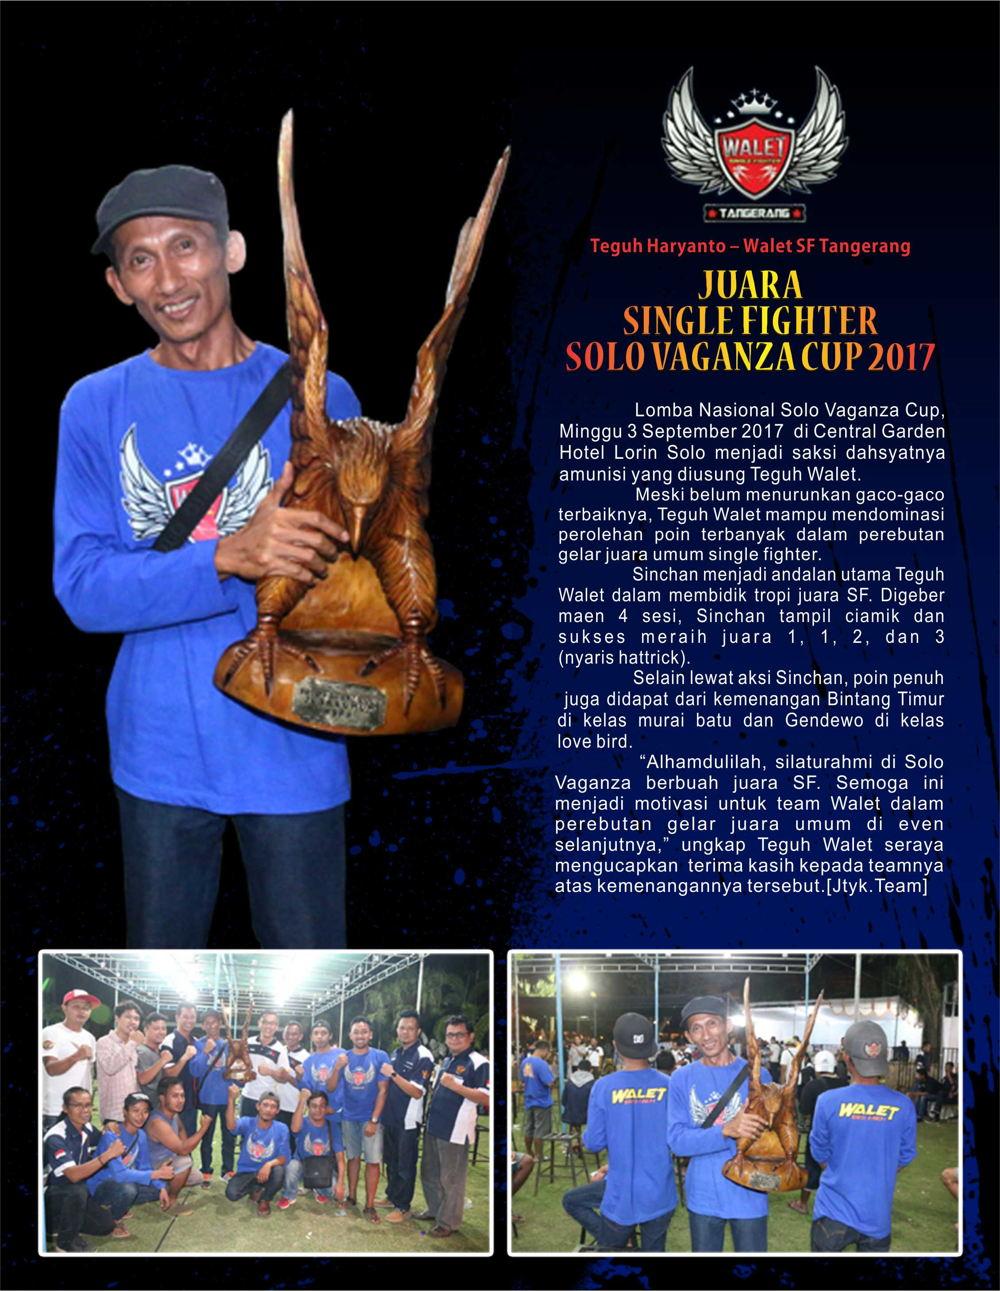 Profil Juara, Teguh Walet SF Tangerang Juara di Solo Vaganza Cup 2017